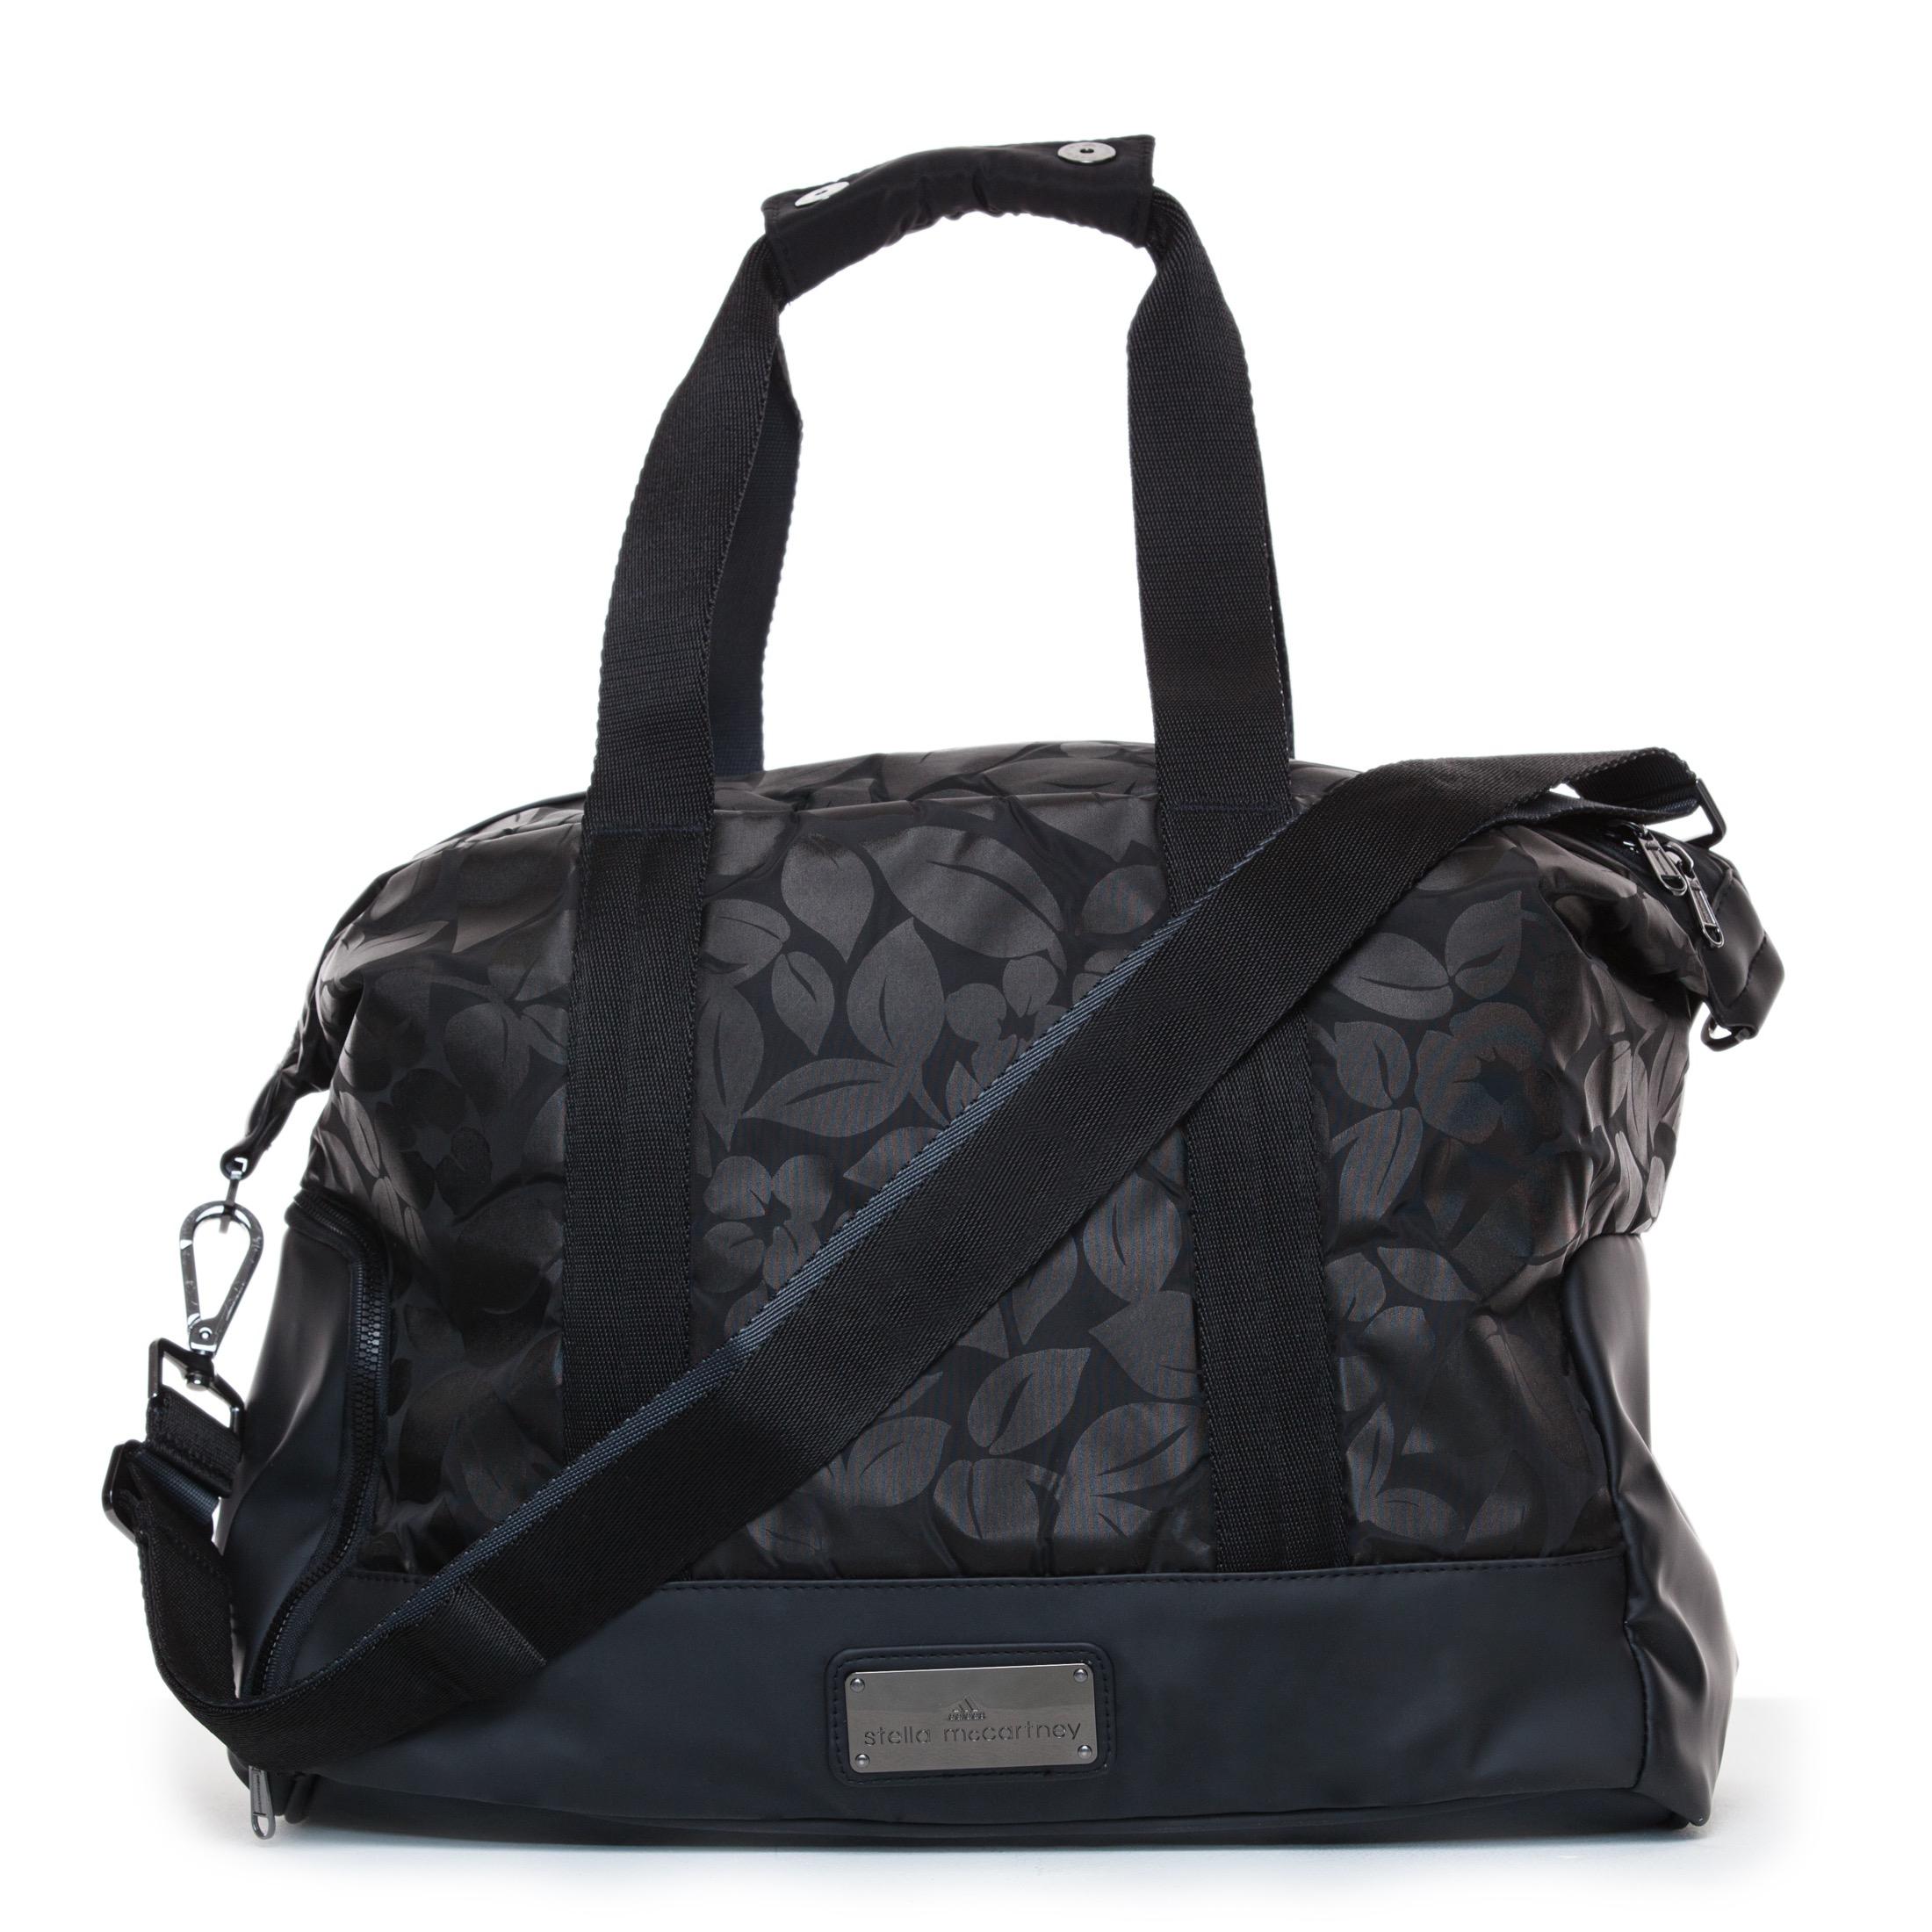 Lyst - adidas By Stella McCartney Small Gym Bag in Black 26234aa654